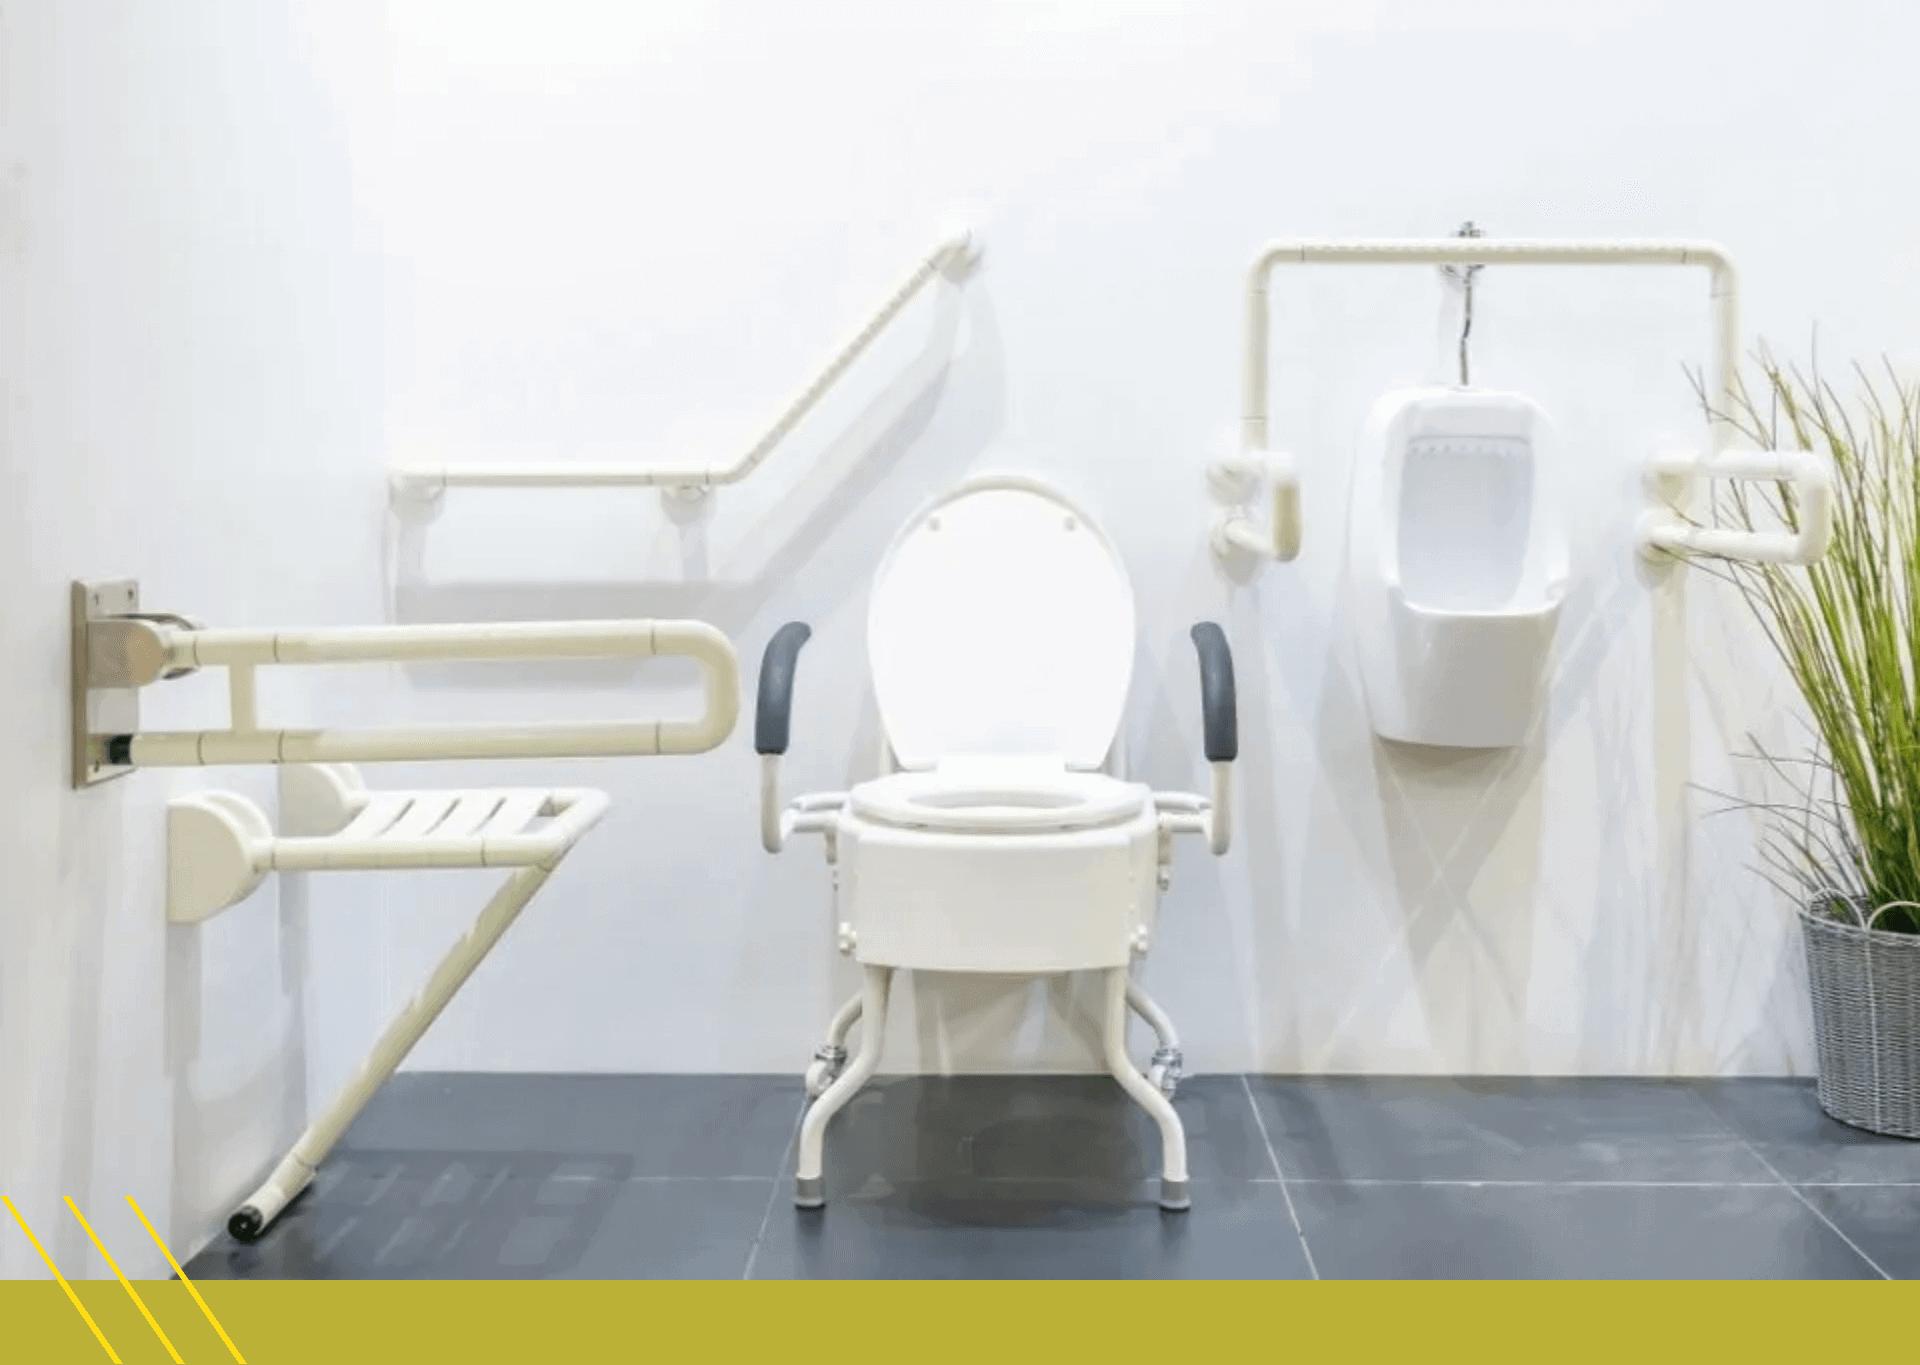 impianti termici bardani anziani disabili bagni seggiolini vasache